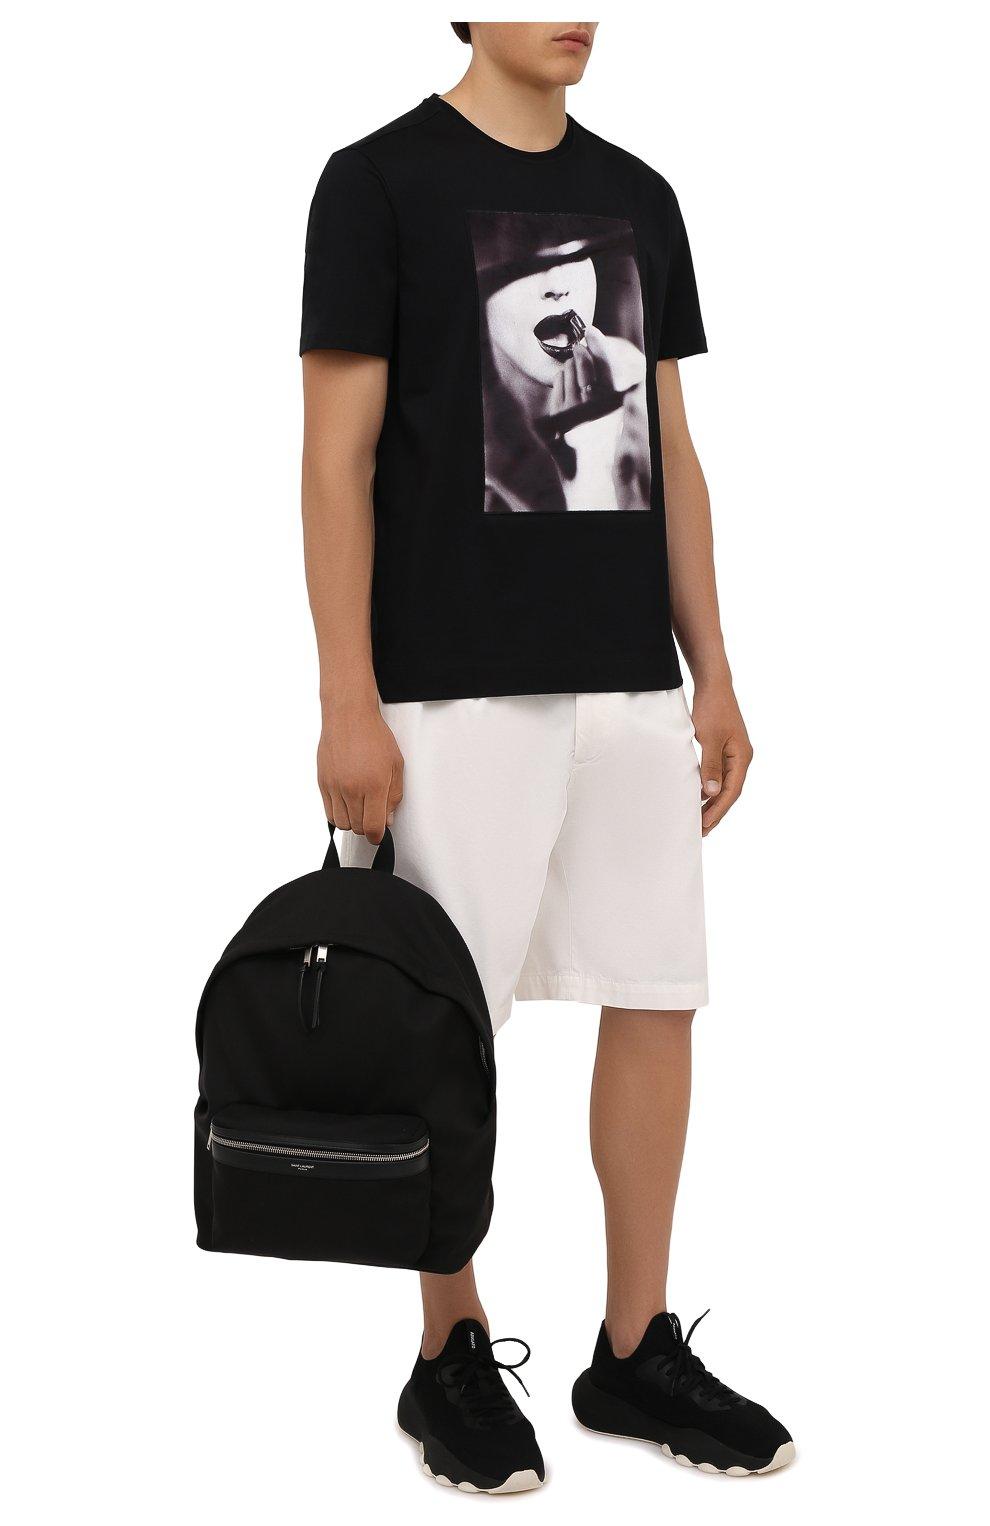 Мужская хлопковая футболка LIMITATO черного цвета, арт. STUDY/T-SHIRT   Фото 2 (Рукава: Короткие; Длина (для топов): Стандартные; Принт: С принтом; Материал внешний: Хлопок)